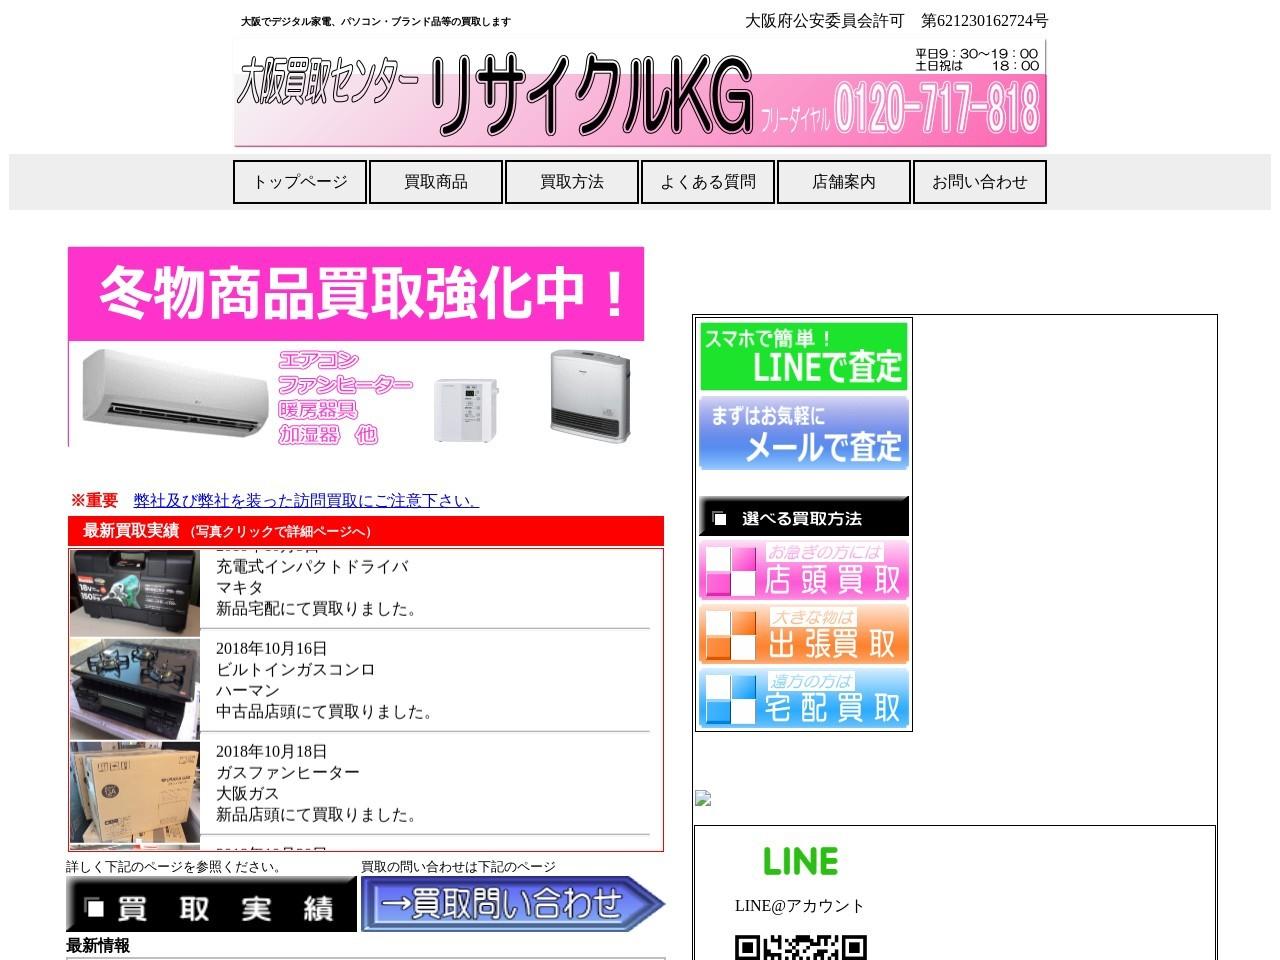 大阪買取センターリサイクルK・G